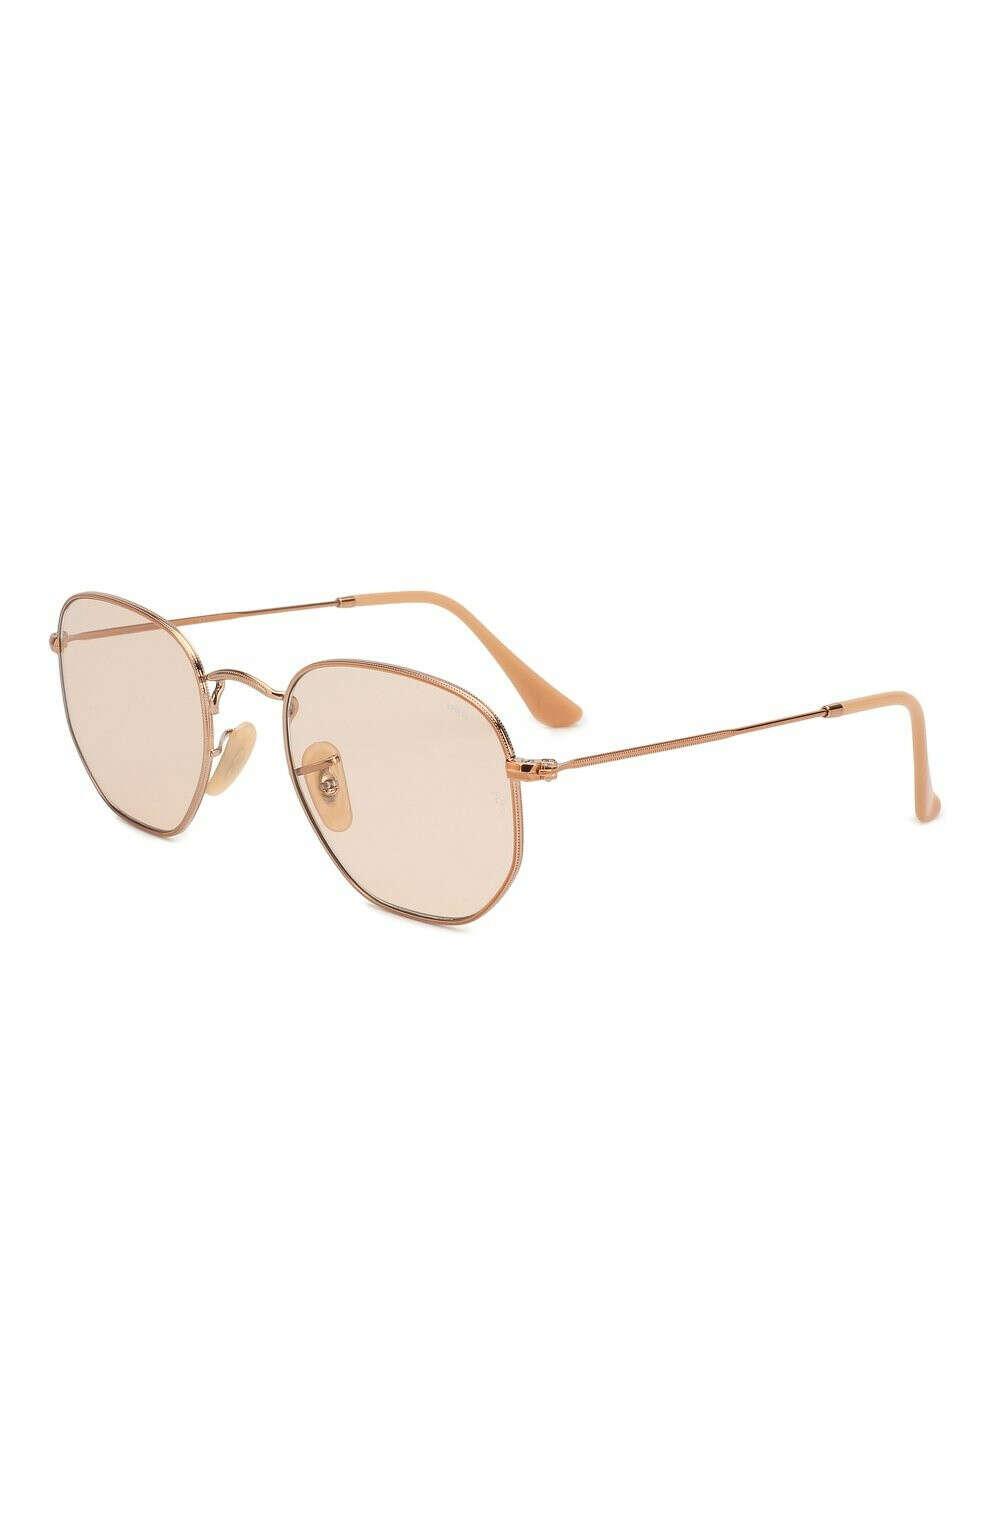 Женские золотые солнцезащитные очки RAY-BAN — купить за 12900 руб. в интернет-магазине ЦУМ, арт. 3548N-9131S0